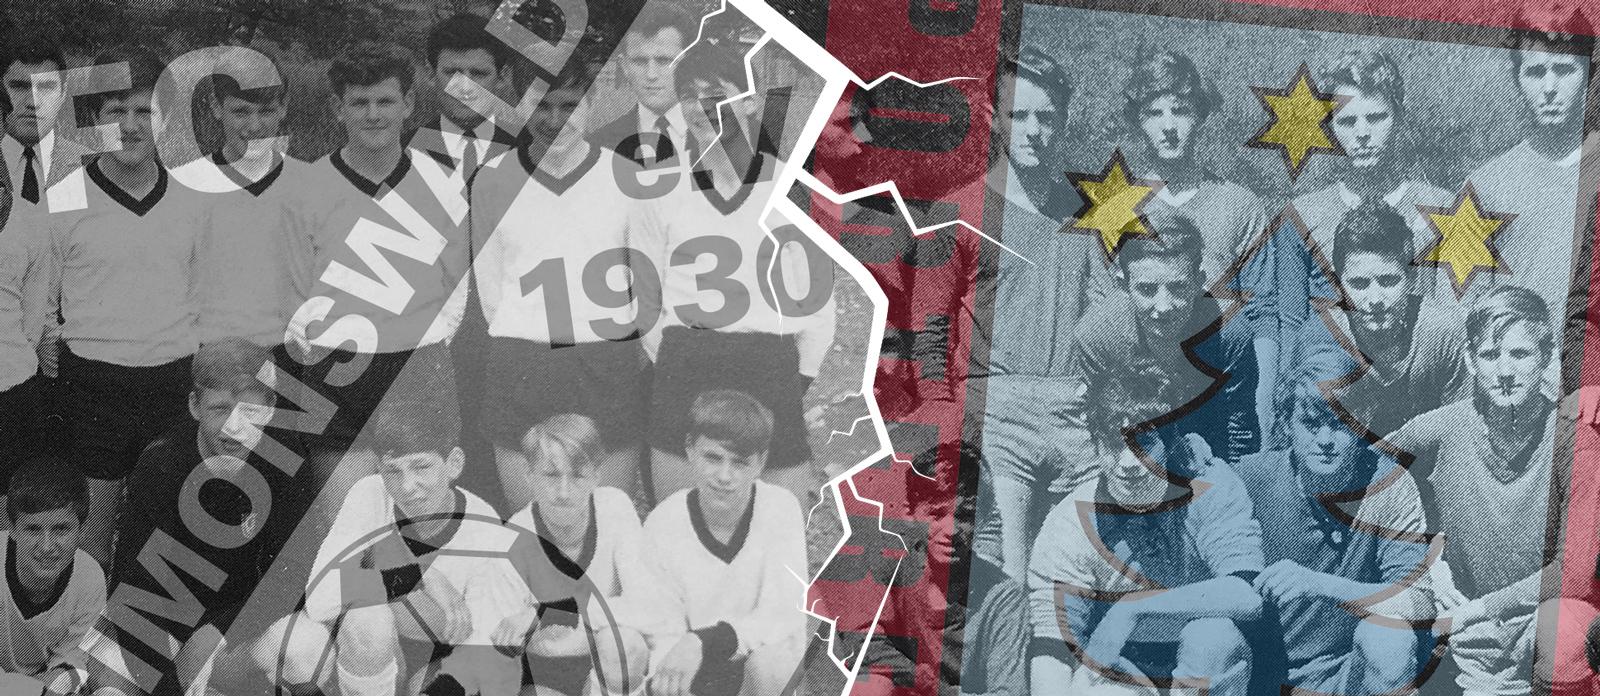 Fußball in den 1970ern und 80ern – Zwischen Rivalität und Leidenschaft